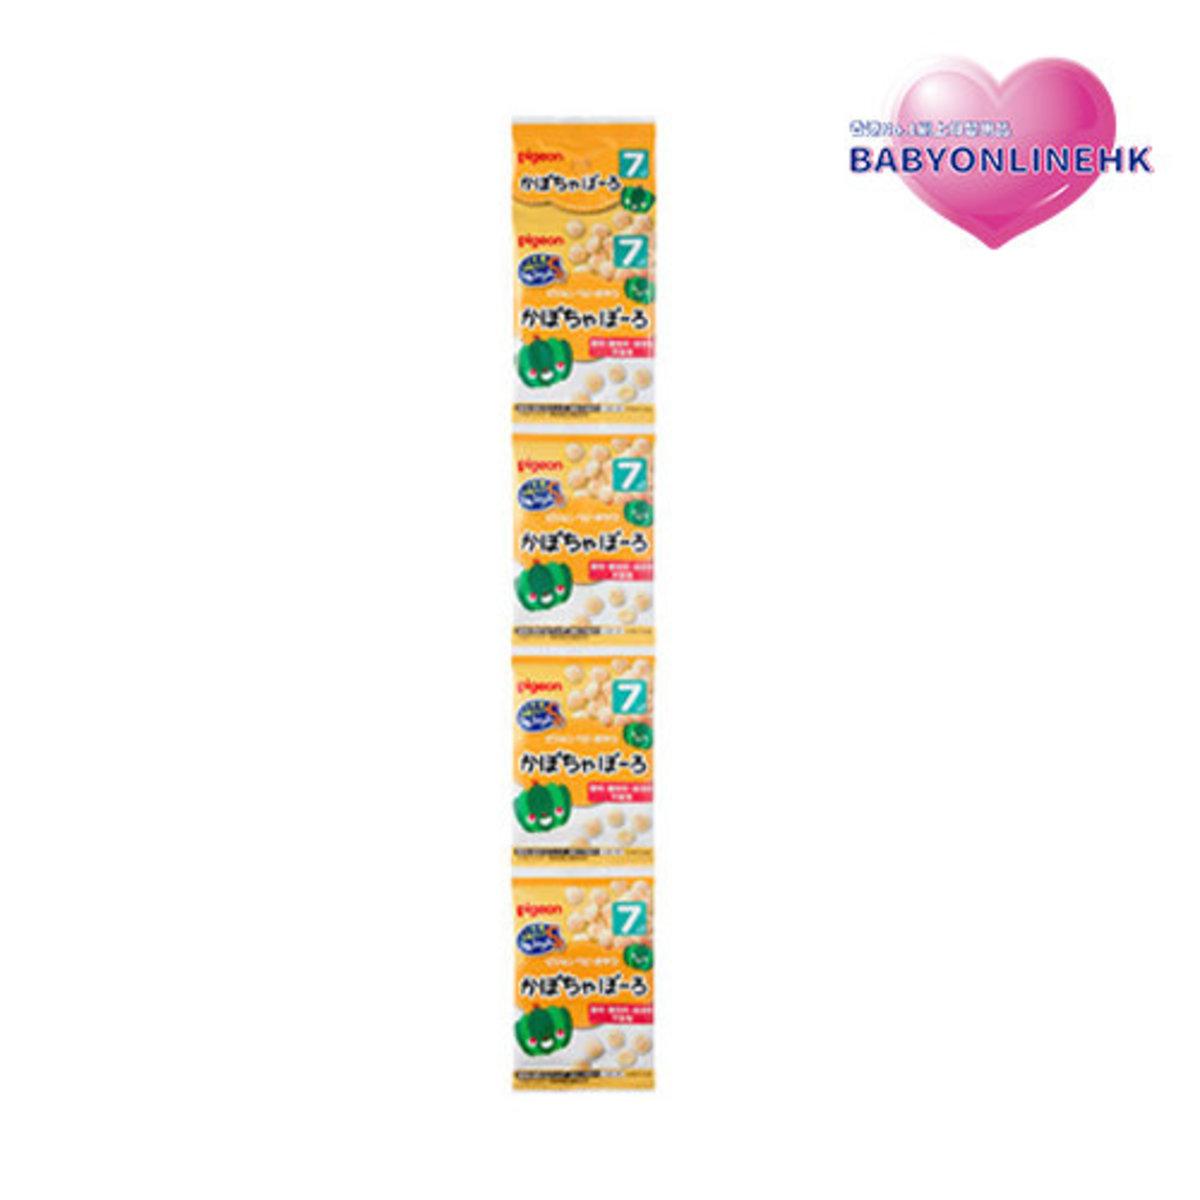 南瓜球串串包 7M+ (1串4小包) 15g x4 (平行進口貨品)